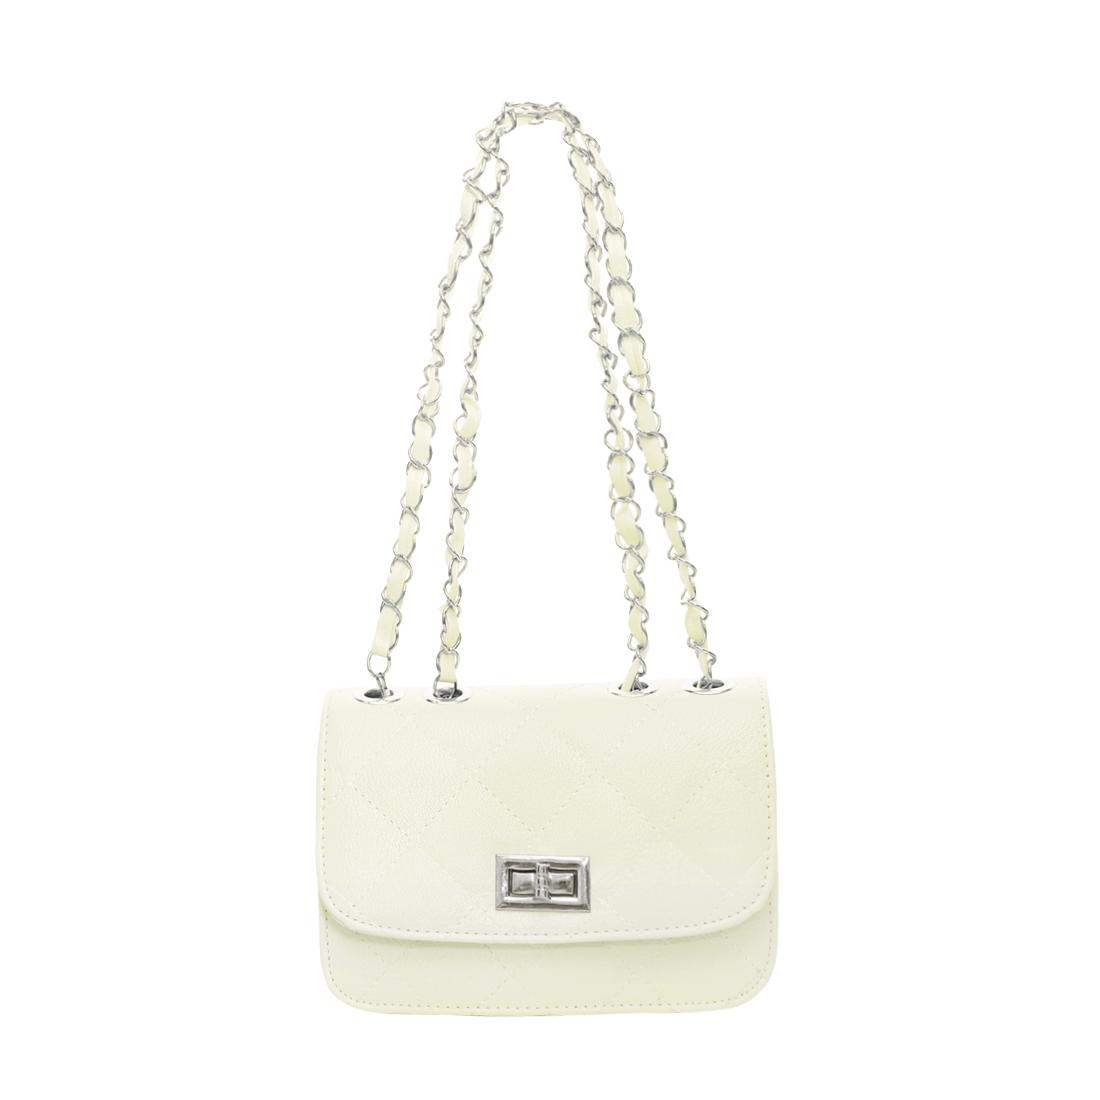 Lady Argly Design Iterior Pocket Fully Lined Shoulder Bag Mini Bag White